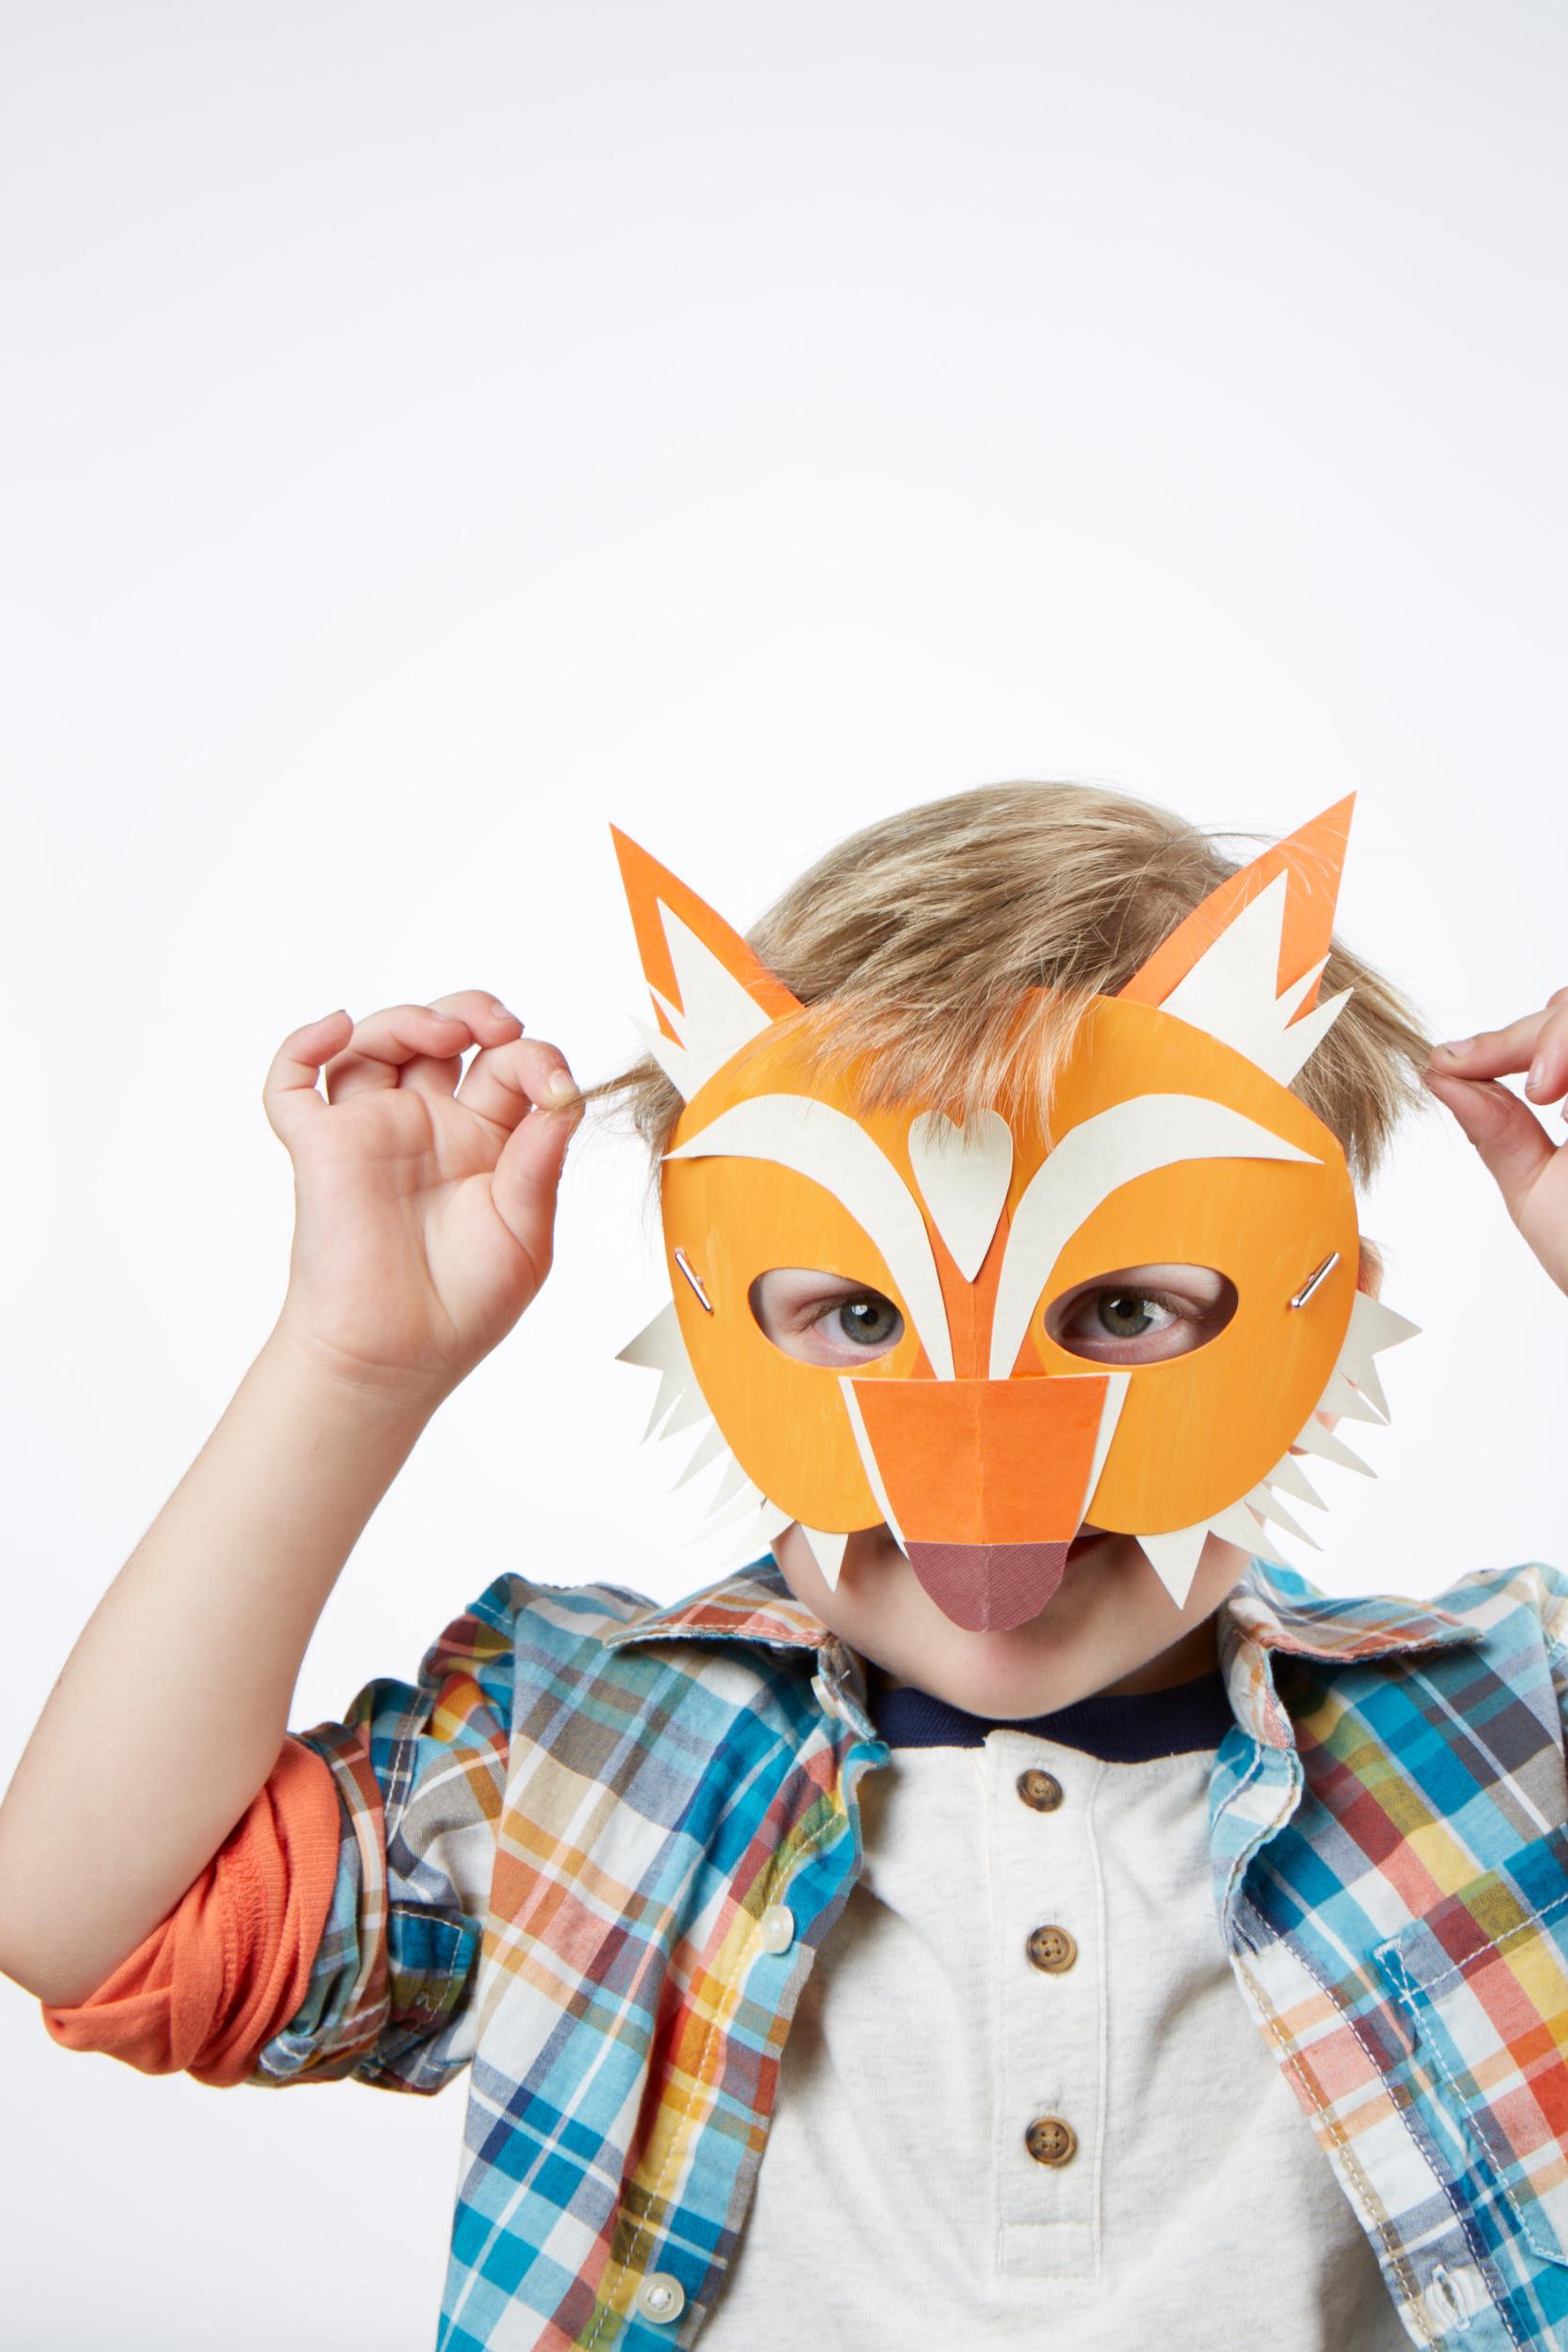 Make Believe Masks  for  Carter's |  Steve Pomberg